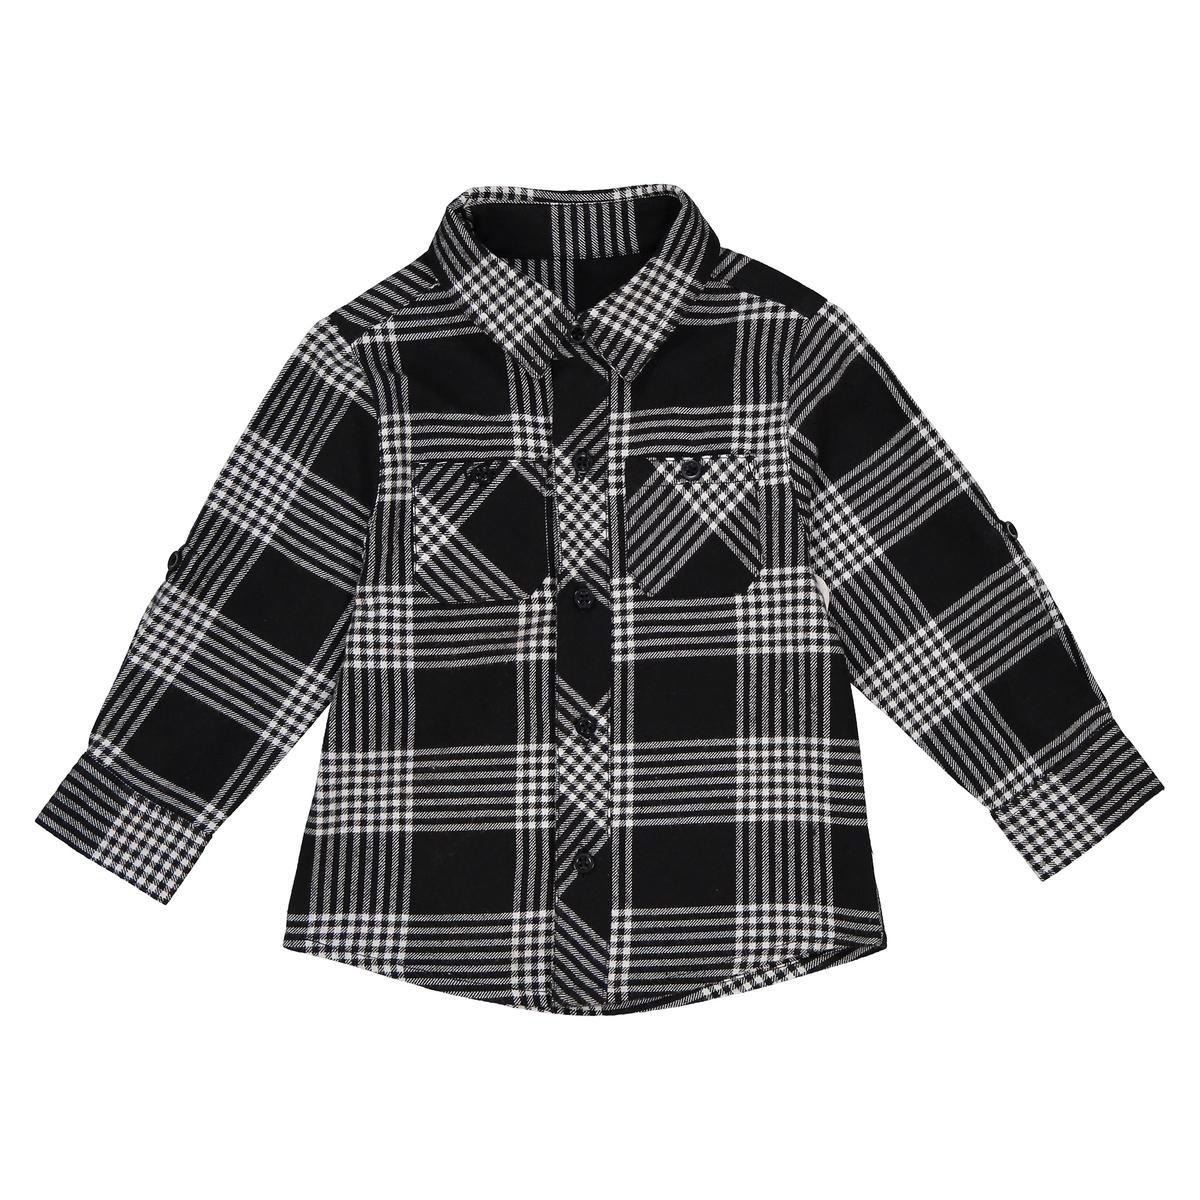 Рубашка La Redoute В клетку с длинными рукавами мес - года 3 года - 94 см черный футболка la redoute с длинными рукавами 3 года 94 см оранжевый